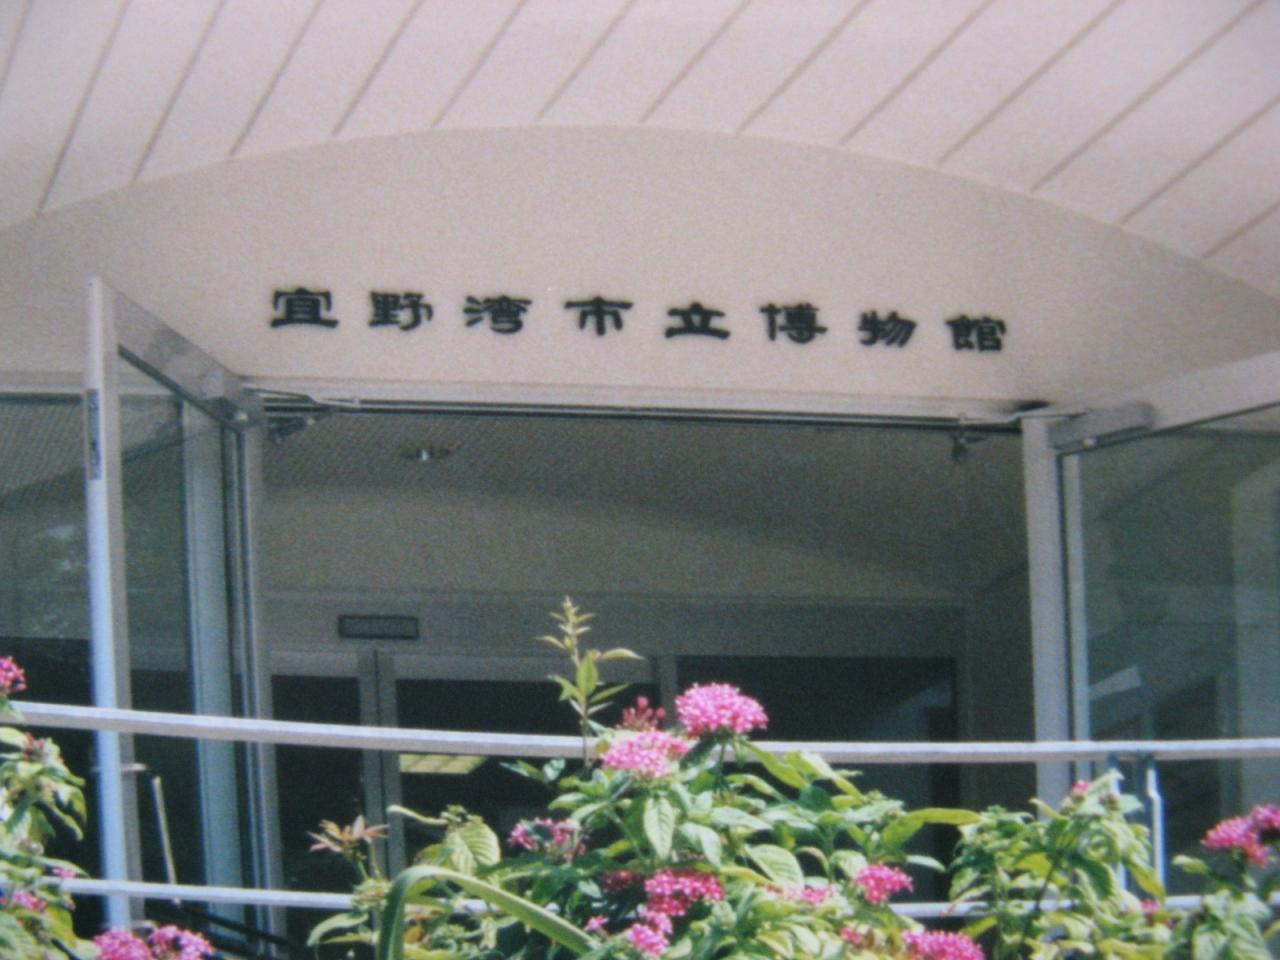 宜野湾市立博物館